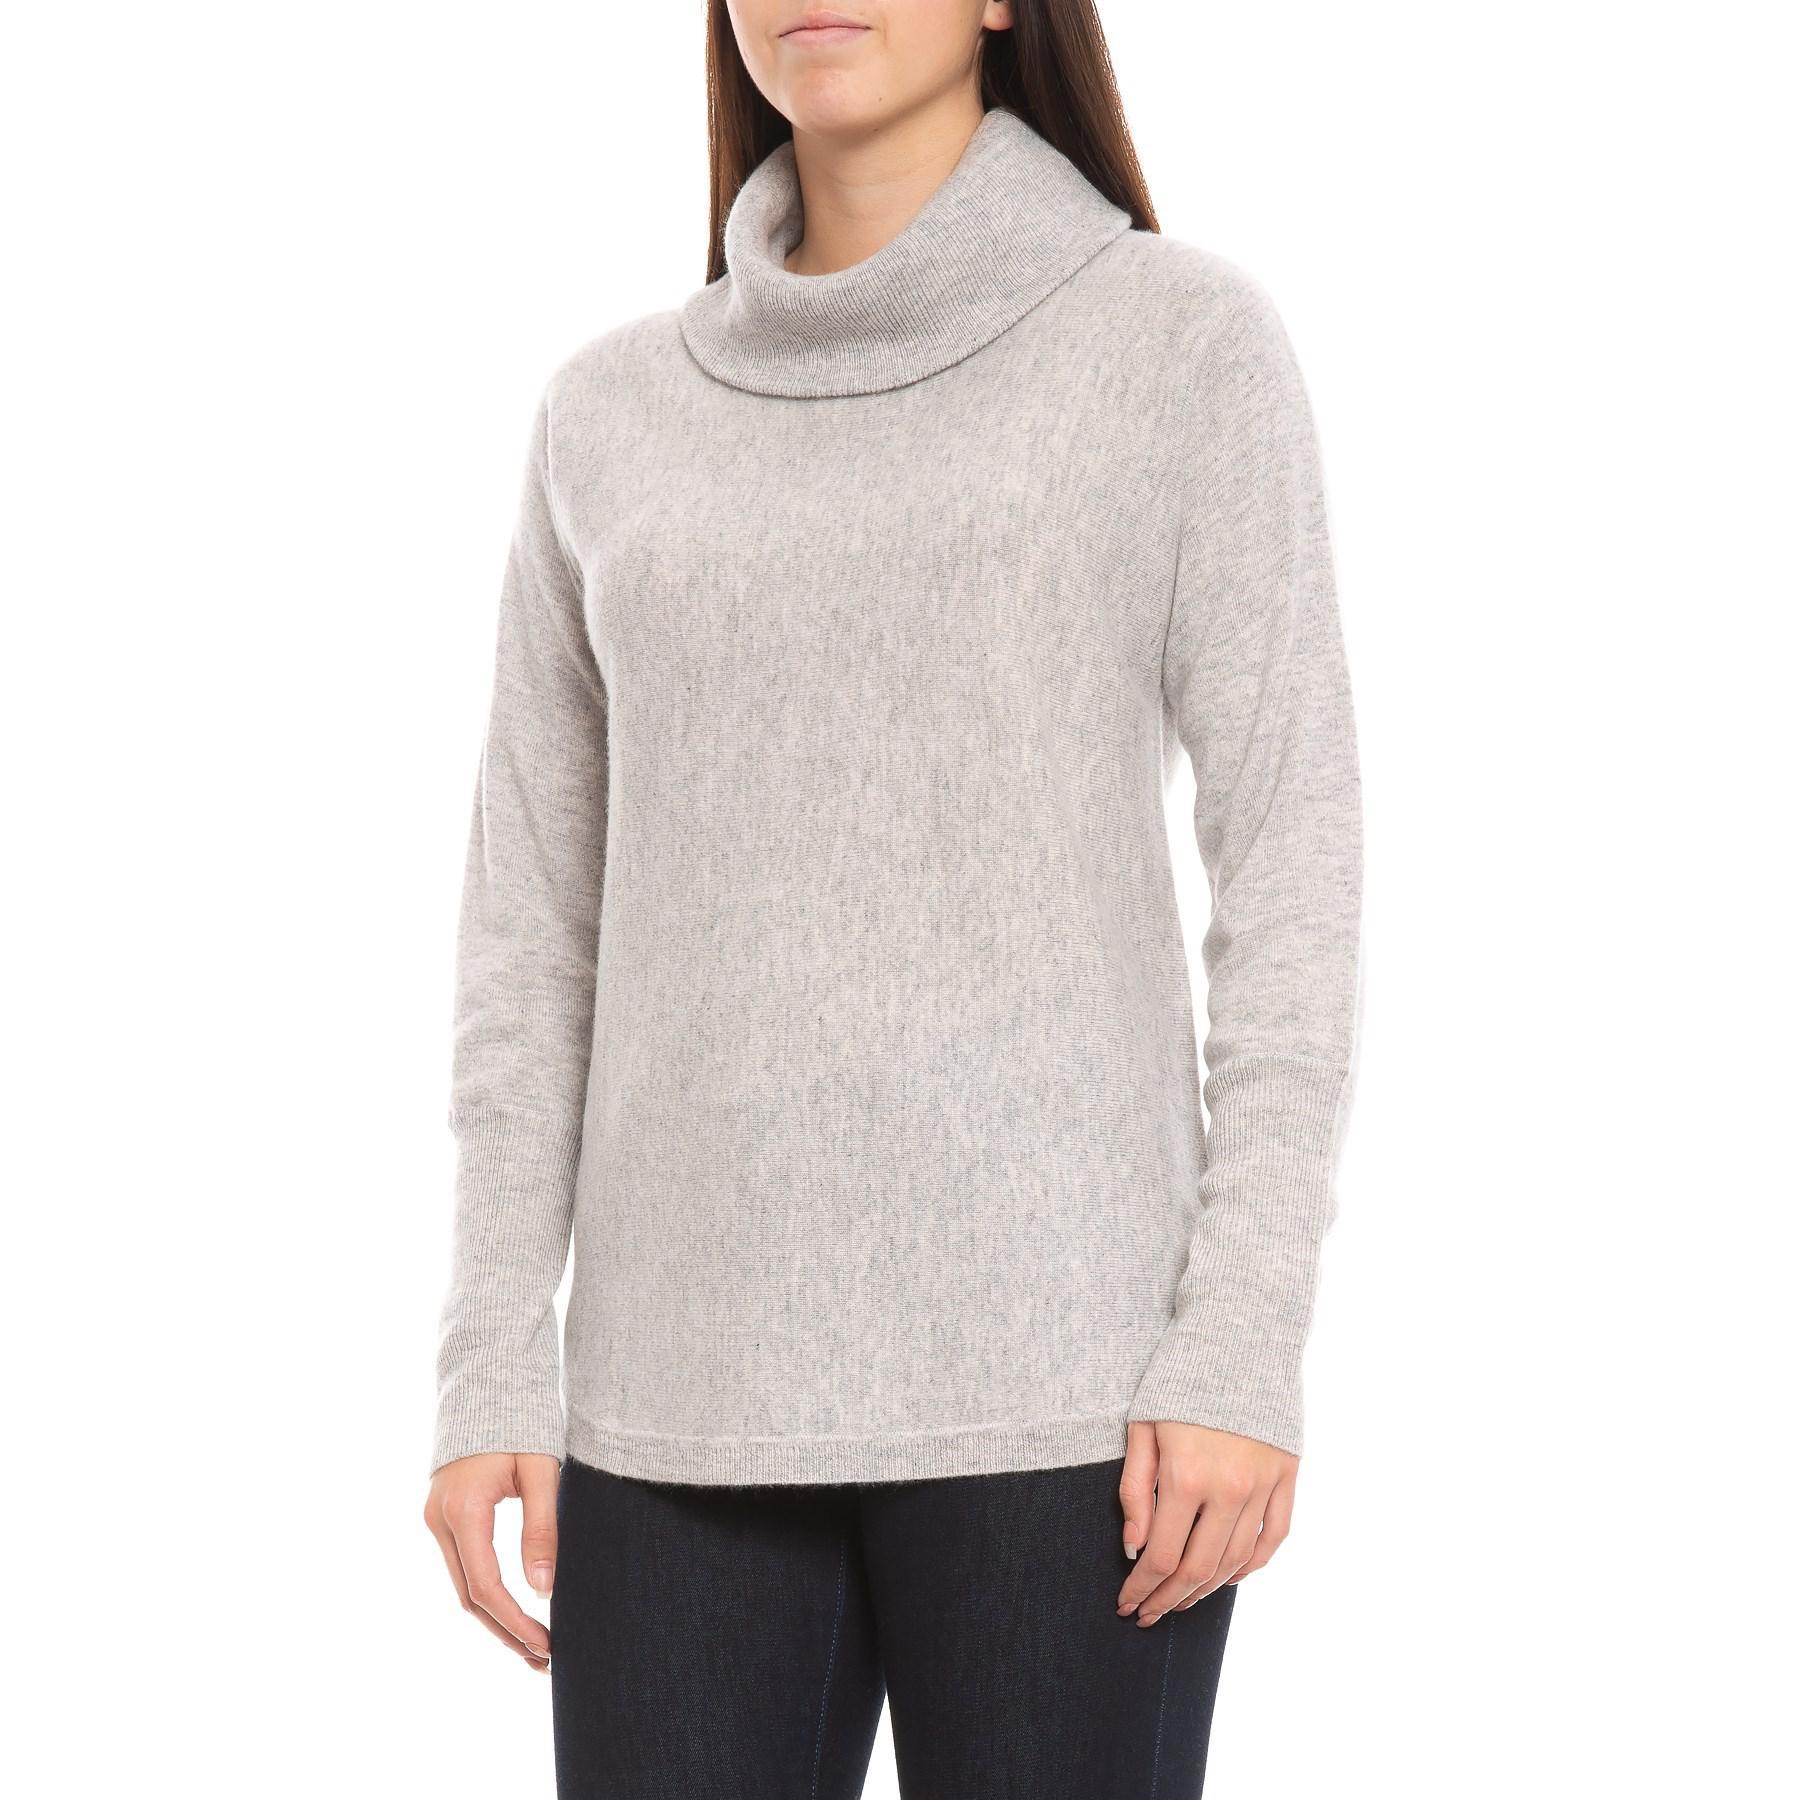 echte Schuhe attraktiver Stil online zu verkaufen Max Studio Cashmere Double-loose Pullover Tunic in Gray - Lyst